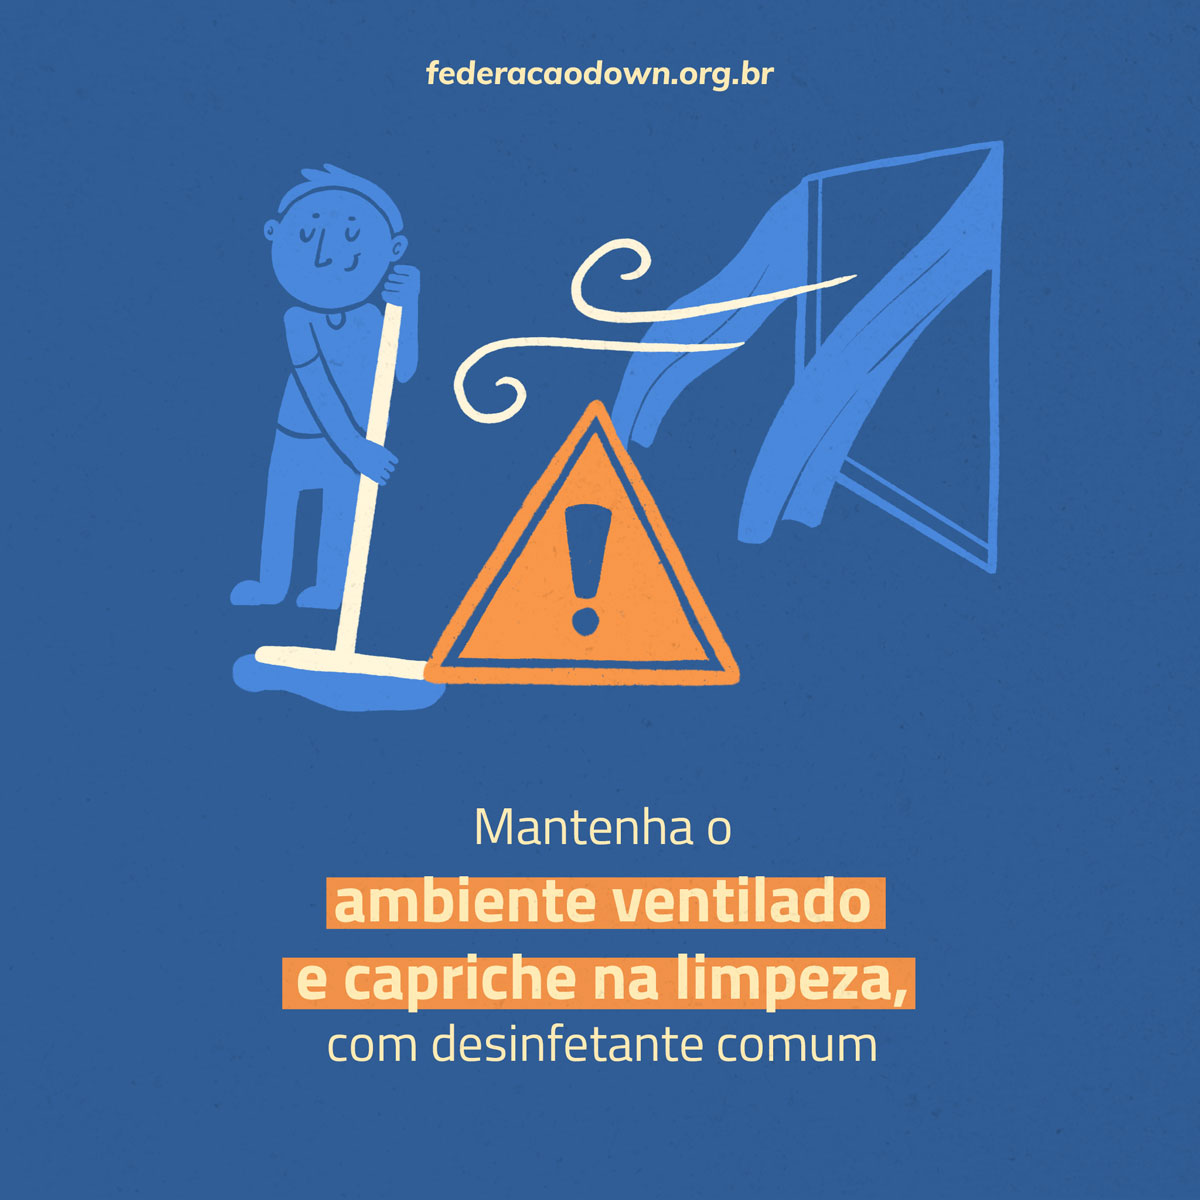 """Imagem: Sobre fundo azul, aparece na metade superior o site federacaodown.org.br seguido de uma ilustração de uma pessoa que, com um rodo nas mãos, limpa o chão. Ao seu lado está uma janela com cortinas em movimento. Traços de final arredondado saem da janela, sugerindo a existência de vento. Um ponto de exclamação laranja está no meio da ilustração. Logo abaixo está escrita a frase: """"Mantenha o ambiente ventilado e capriche na limpeza, com desinfetante comum""""."""